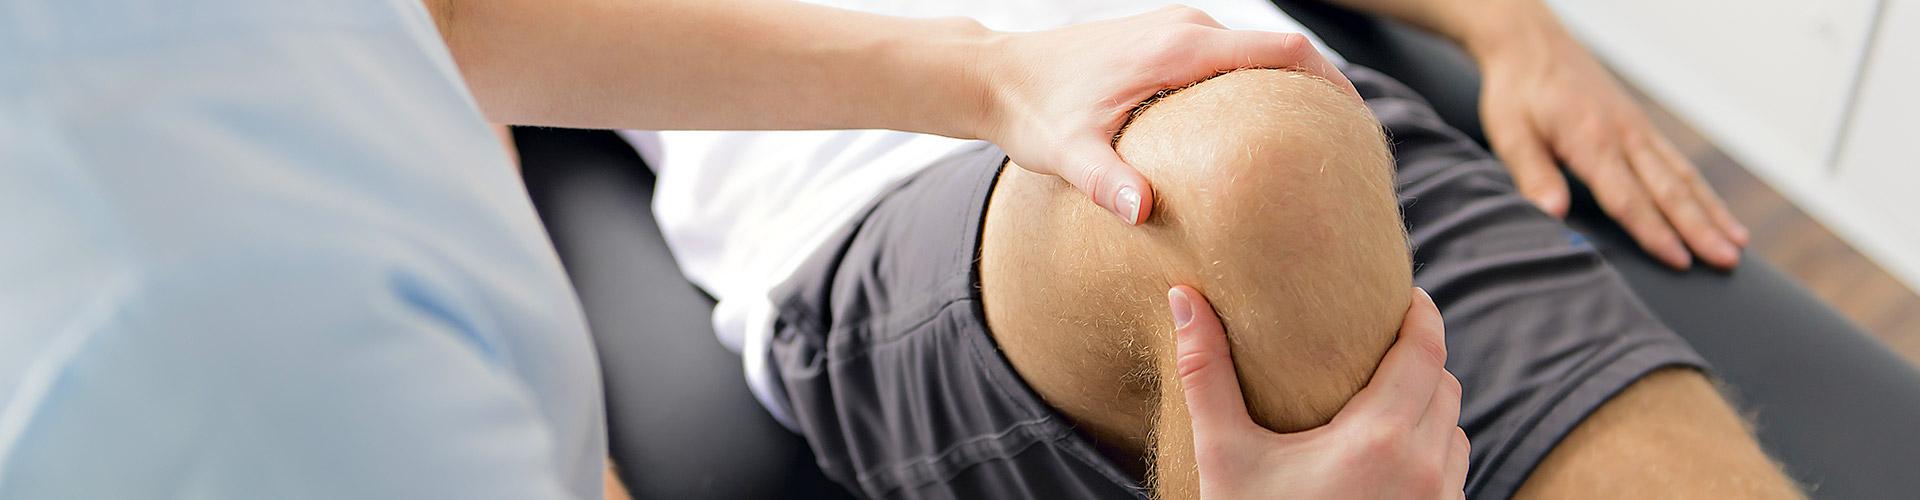 behandlung knieschmerzen